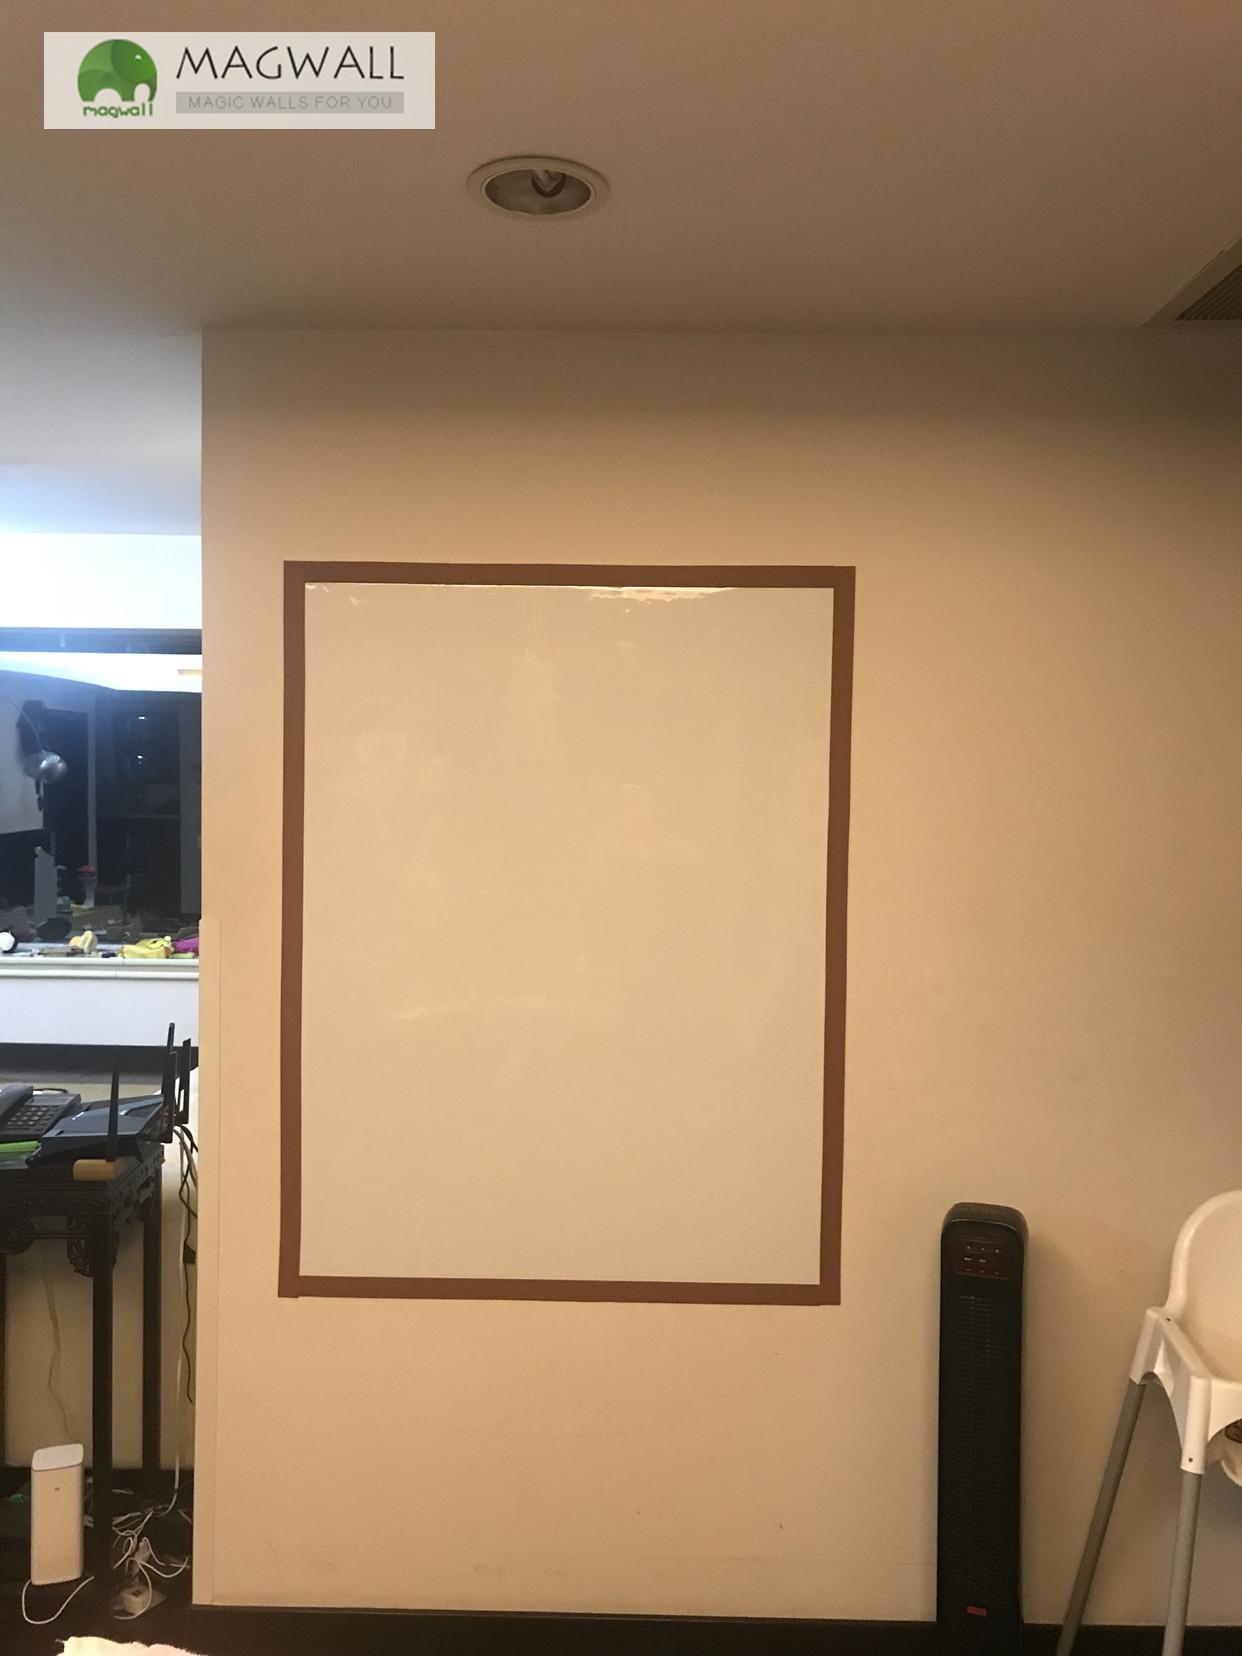 供应magwall无尘擦写双层磁性白板 儿童白板贴